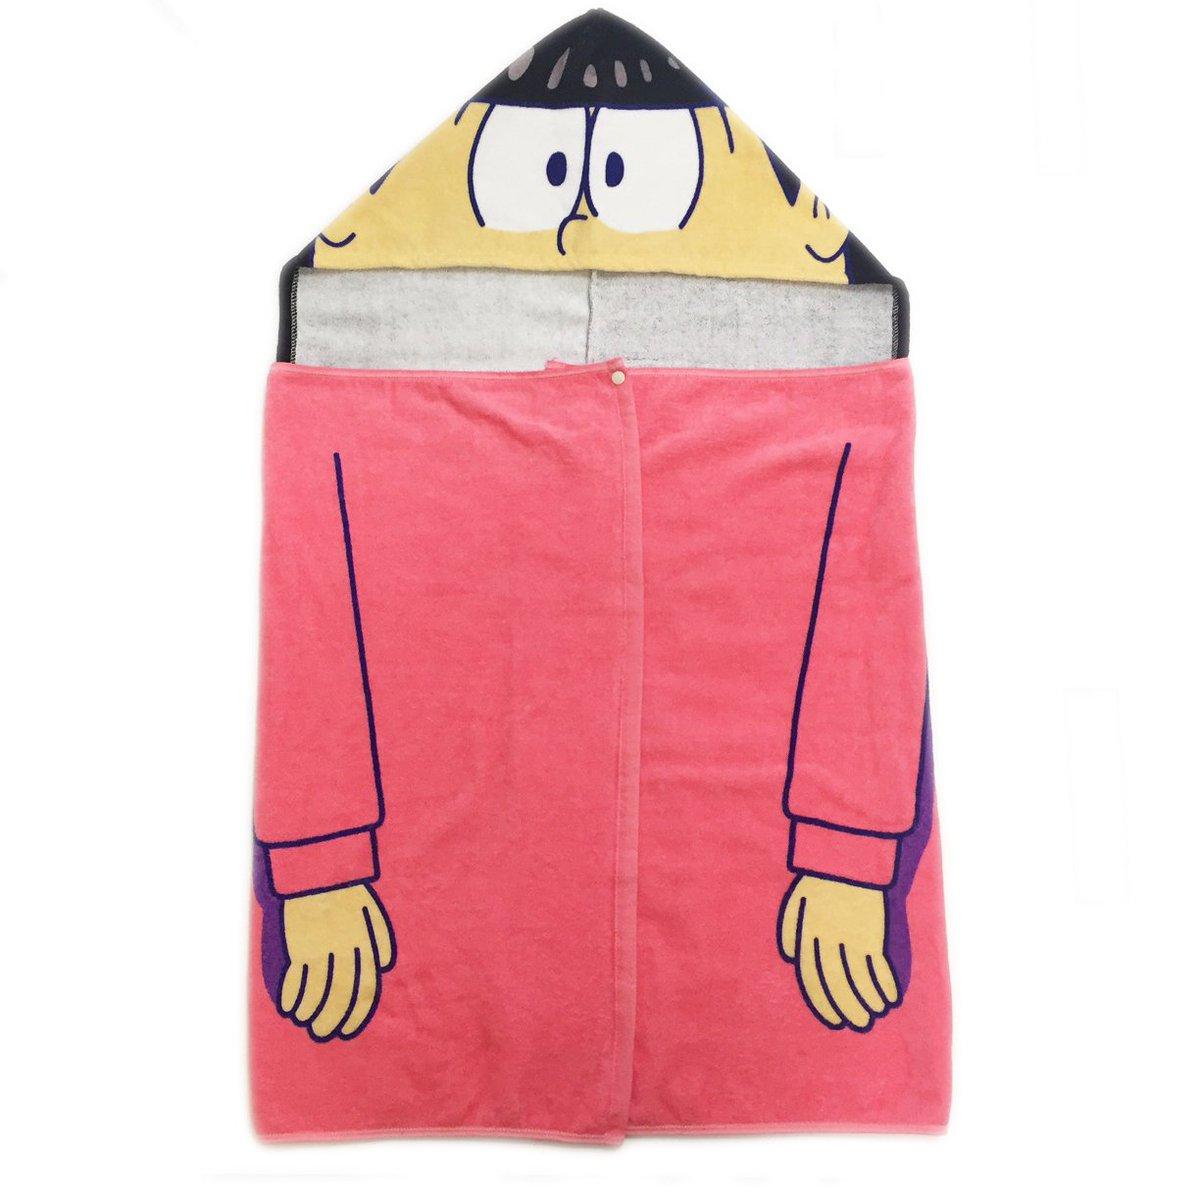 【お知らせ】締切間近!パペっと!おそ松さん第2弾、オリジナルフードつきタオルプレゼントキャンペーンの賞品を大公開!!かわ